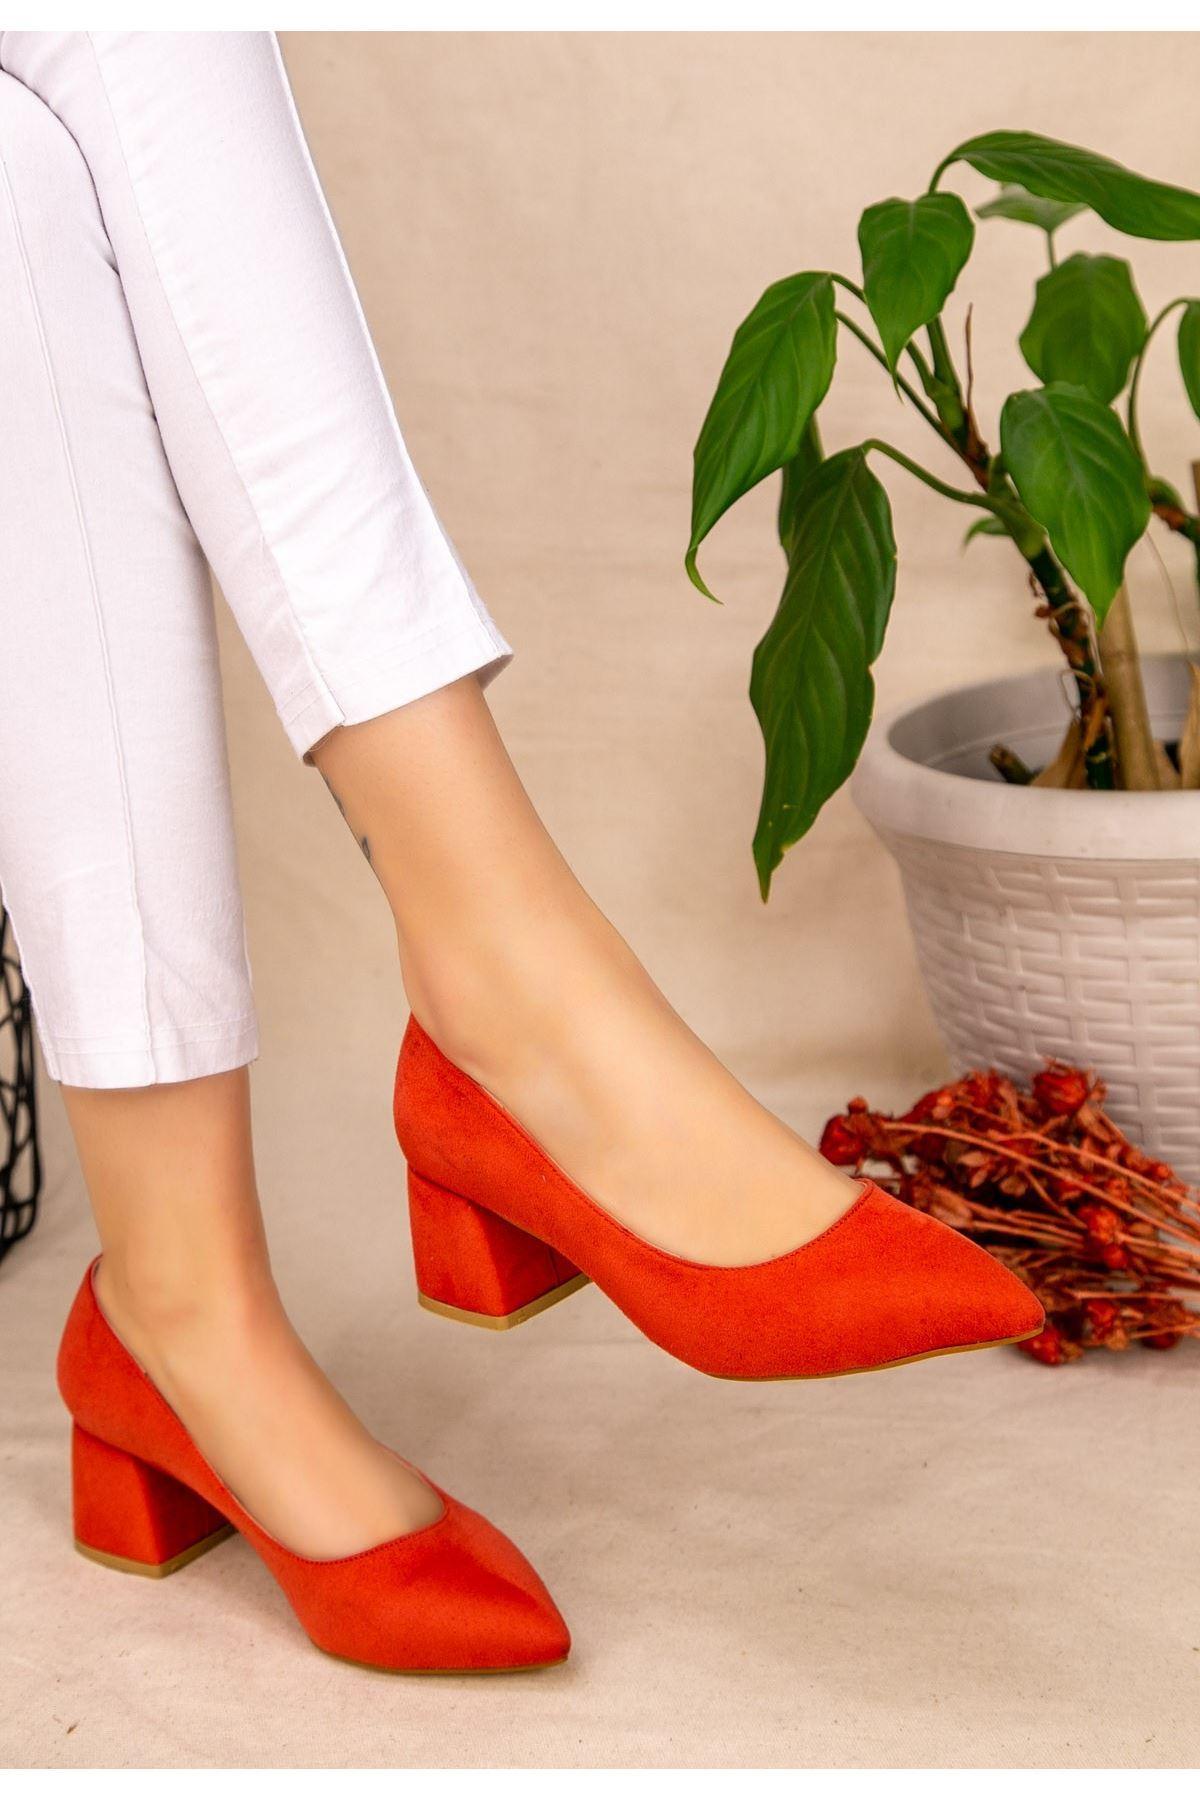 Seis Turuncu Süet Topuklu Ayakkabı